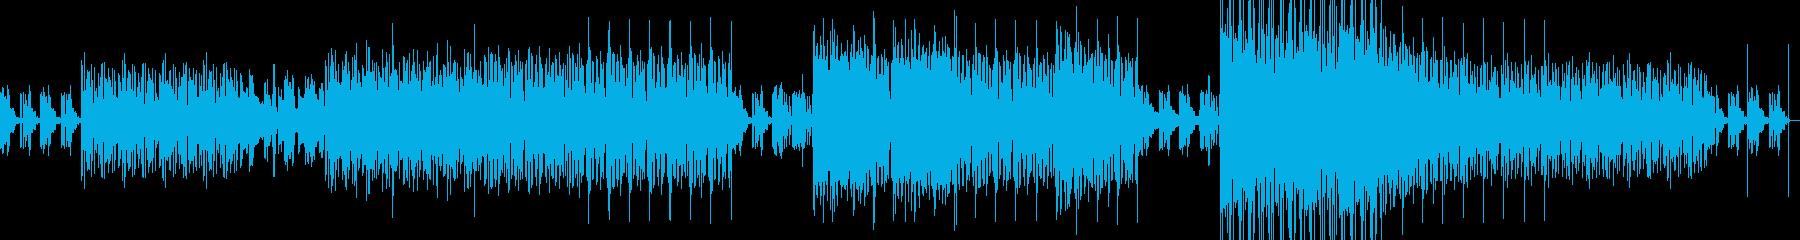 冷静になる。 DJのソフトドリーム...の再生済みの波形